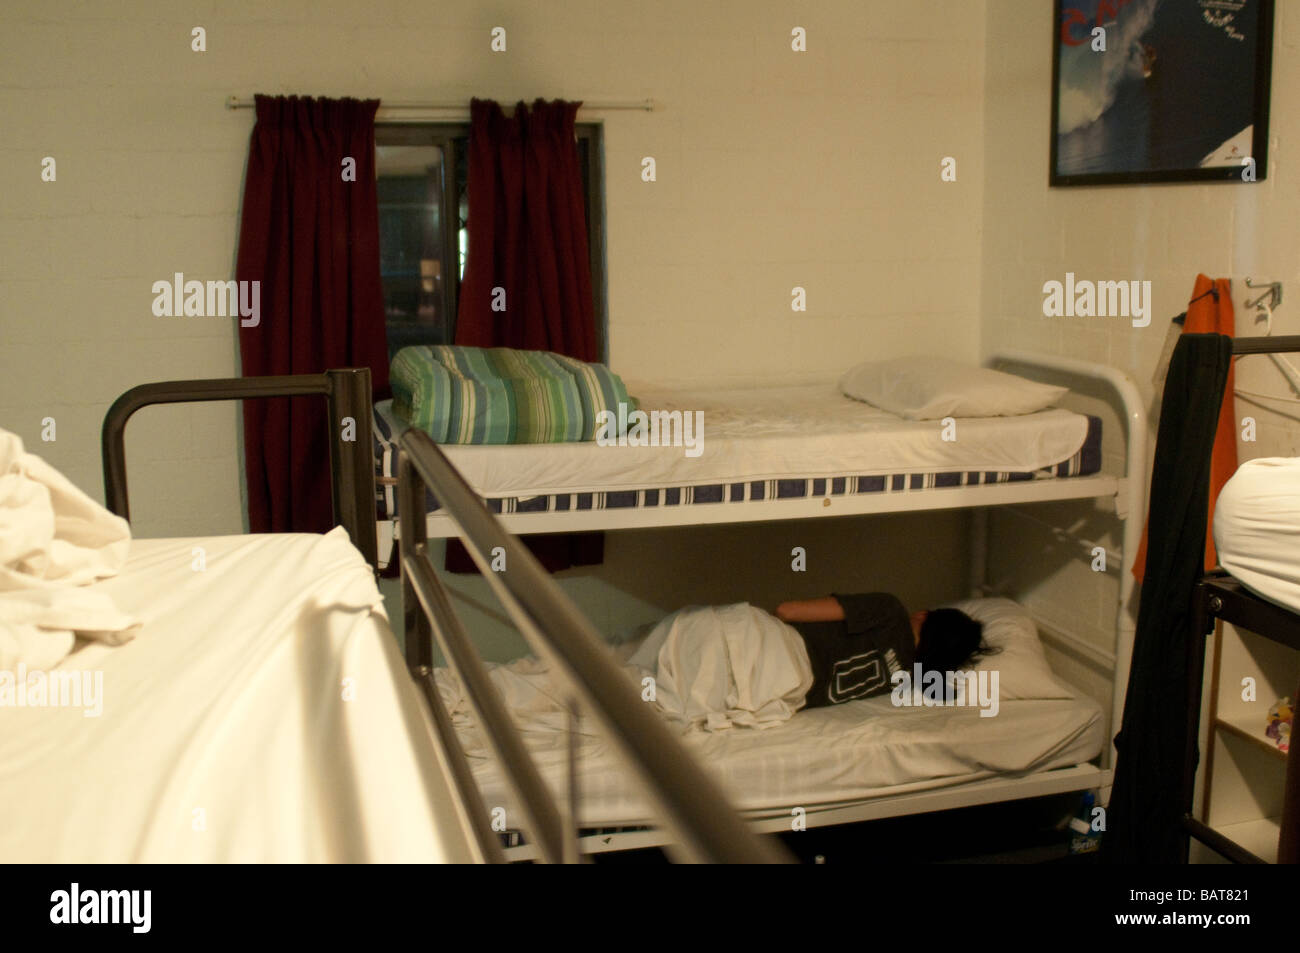 Etagenbett Jugendherberge : Etagenbett buche extra stabil cm kinderbett ohne zubehör